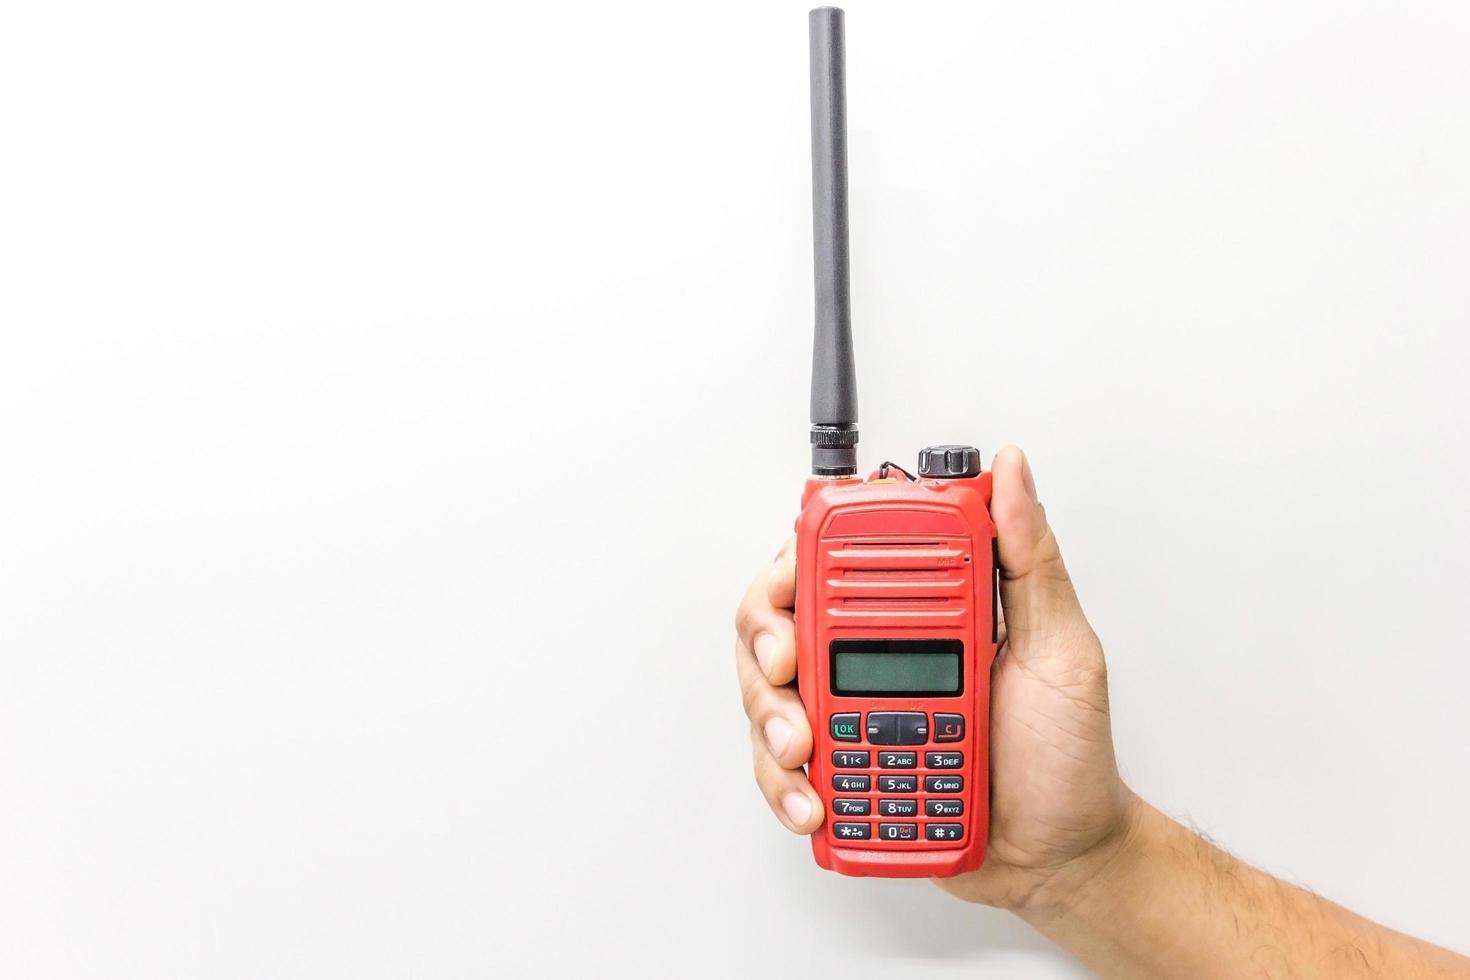 rode walkie talkie handheld, geïsoleerd op een witte achtergrond met kopie ruimte en tekst foto